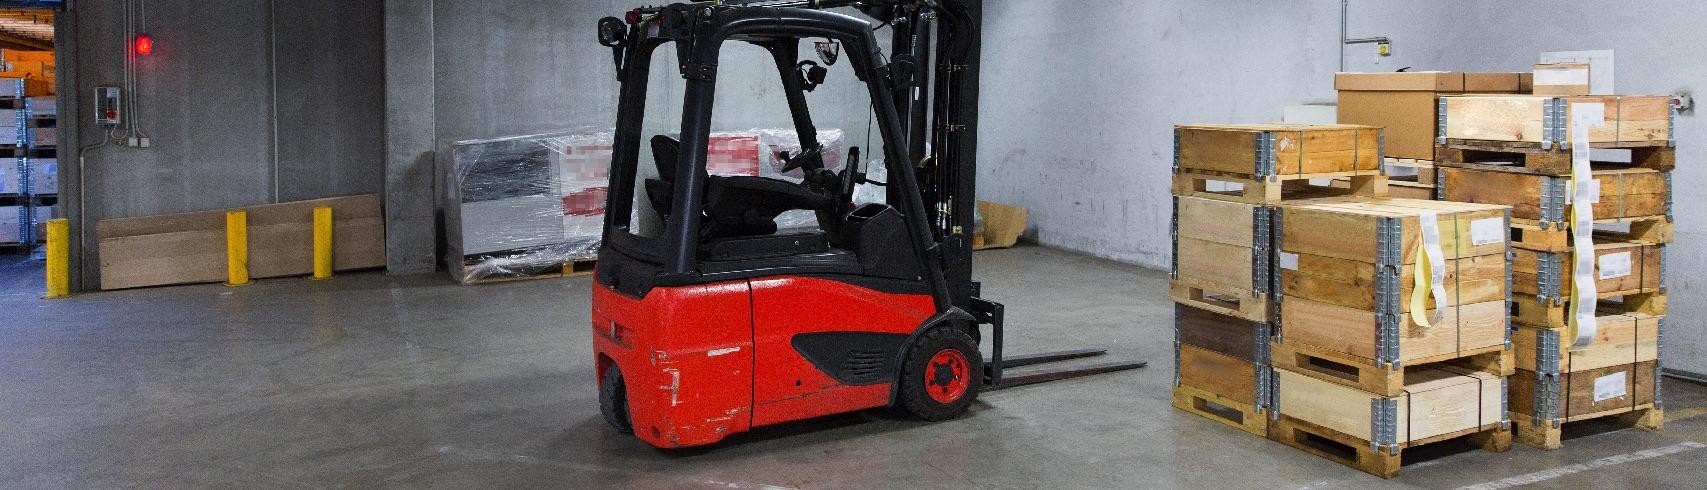 Forklift Rental San Francisco CA